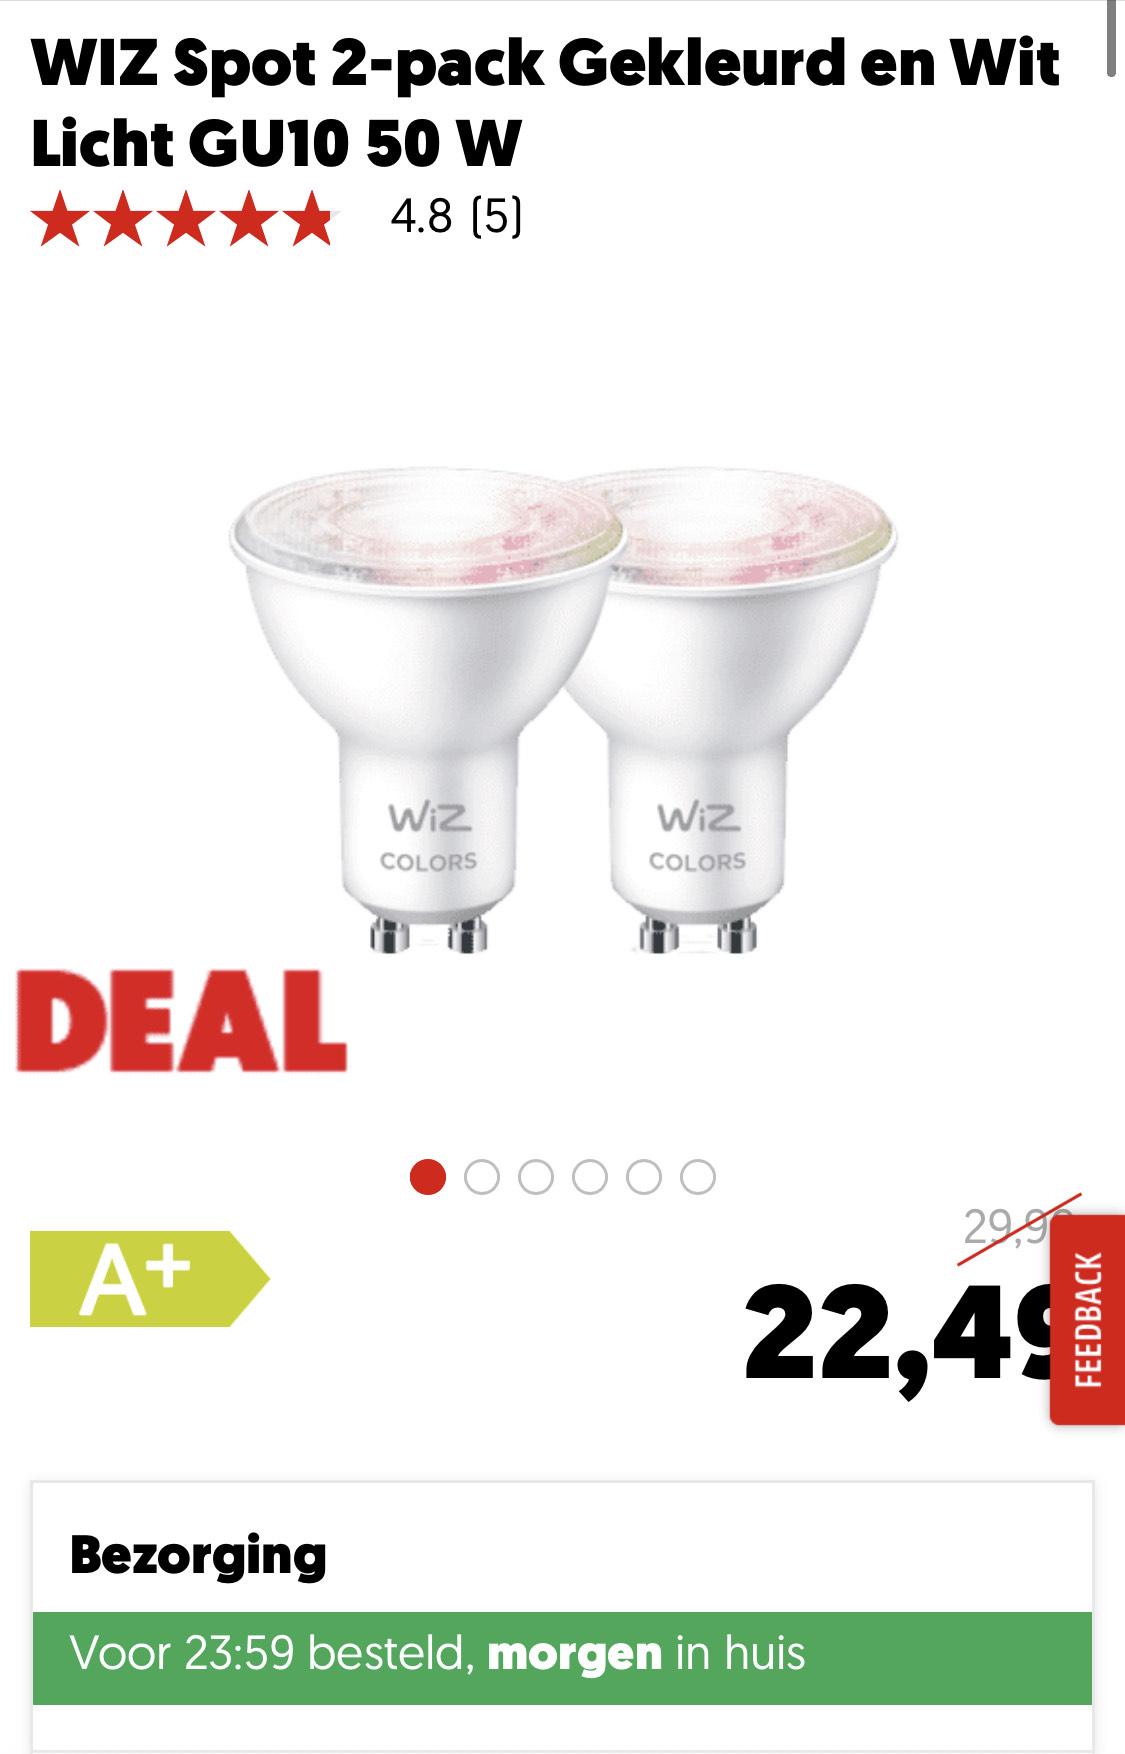 WiZ smart lampen met 25% korting bij Mediamarkt NL